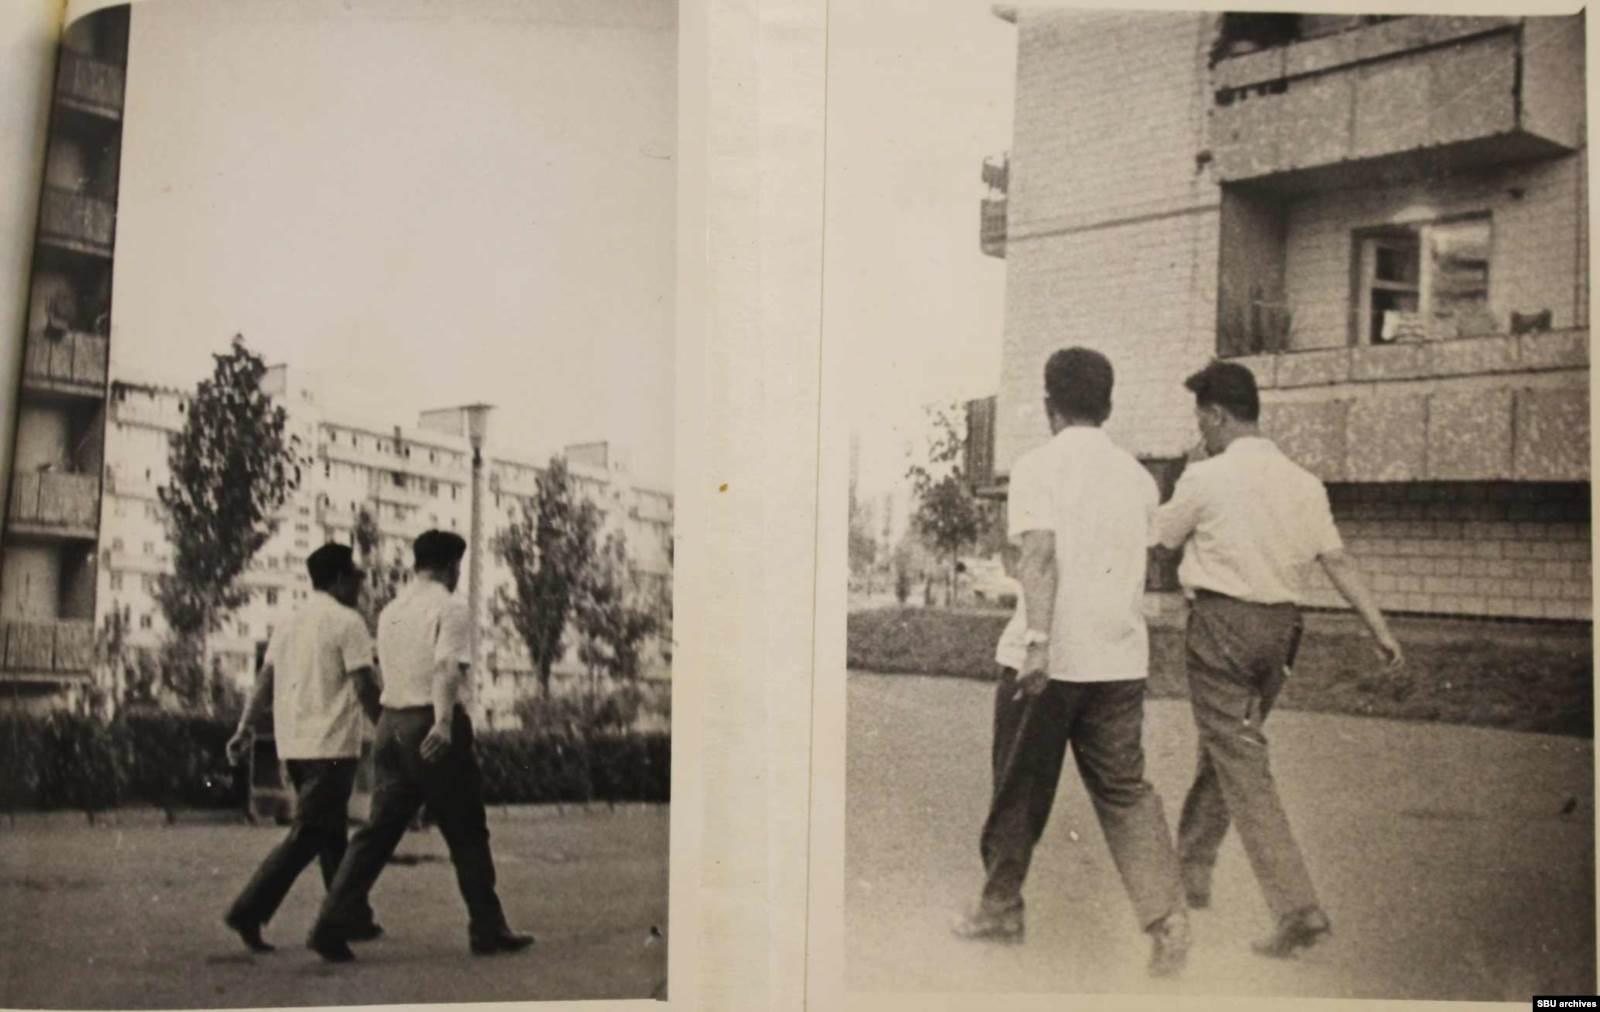 Пак, Хон, Син и Нам во время встреч с Пушкарем. Фото КГБ, сделанные скрытой камерой. Из оперативного дела